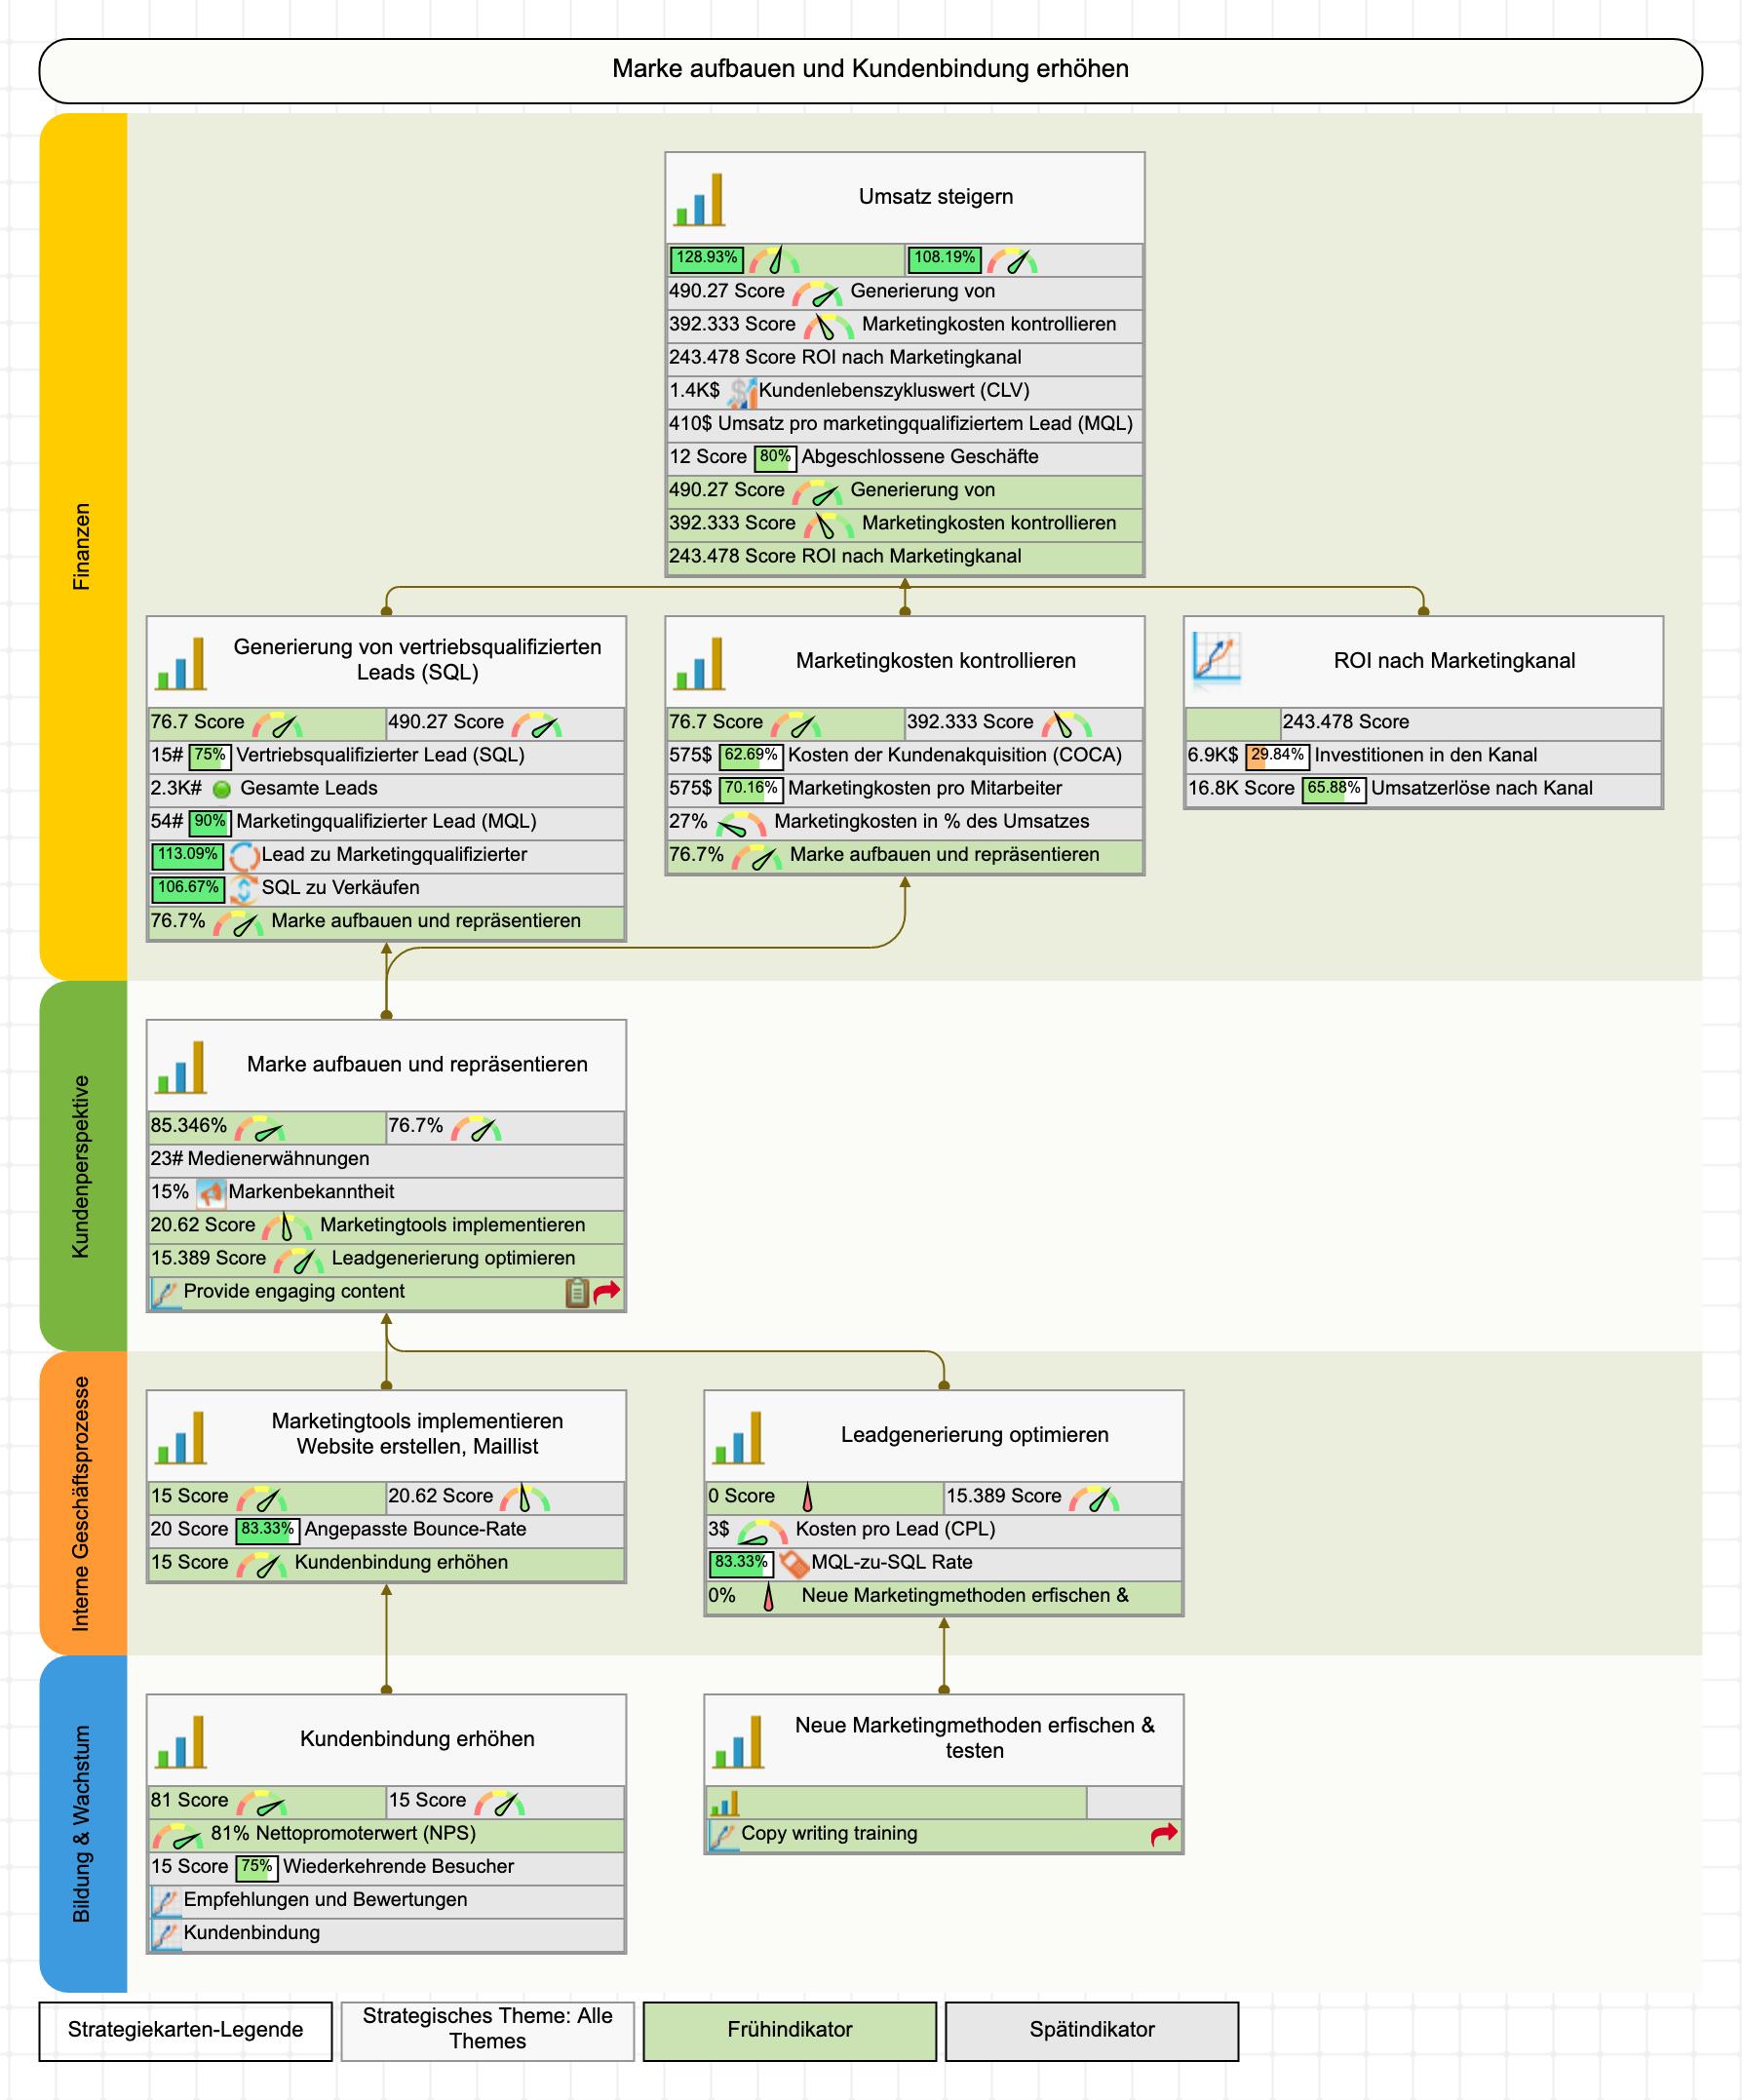 Stufe 2-Scorecard - Strategiekarte für Marketing